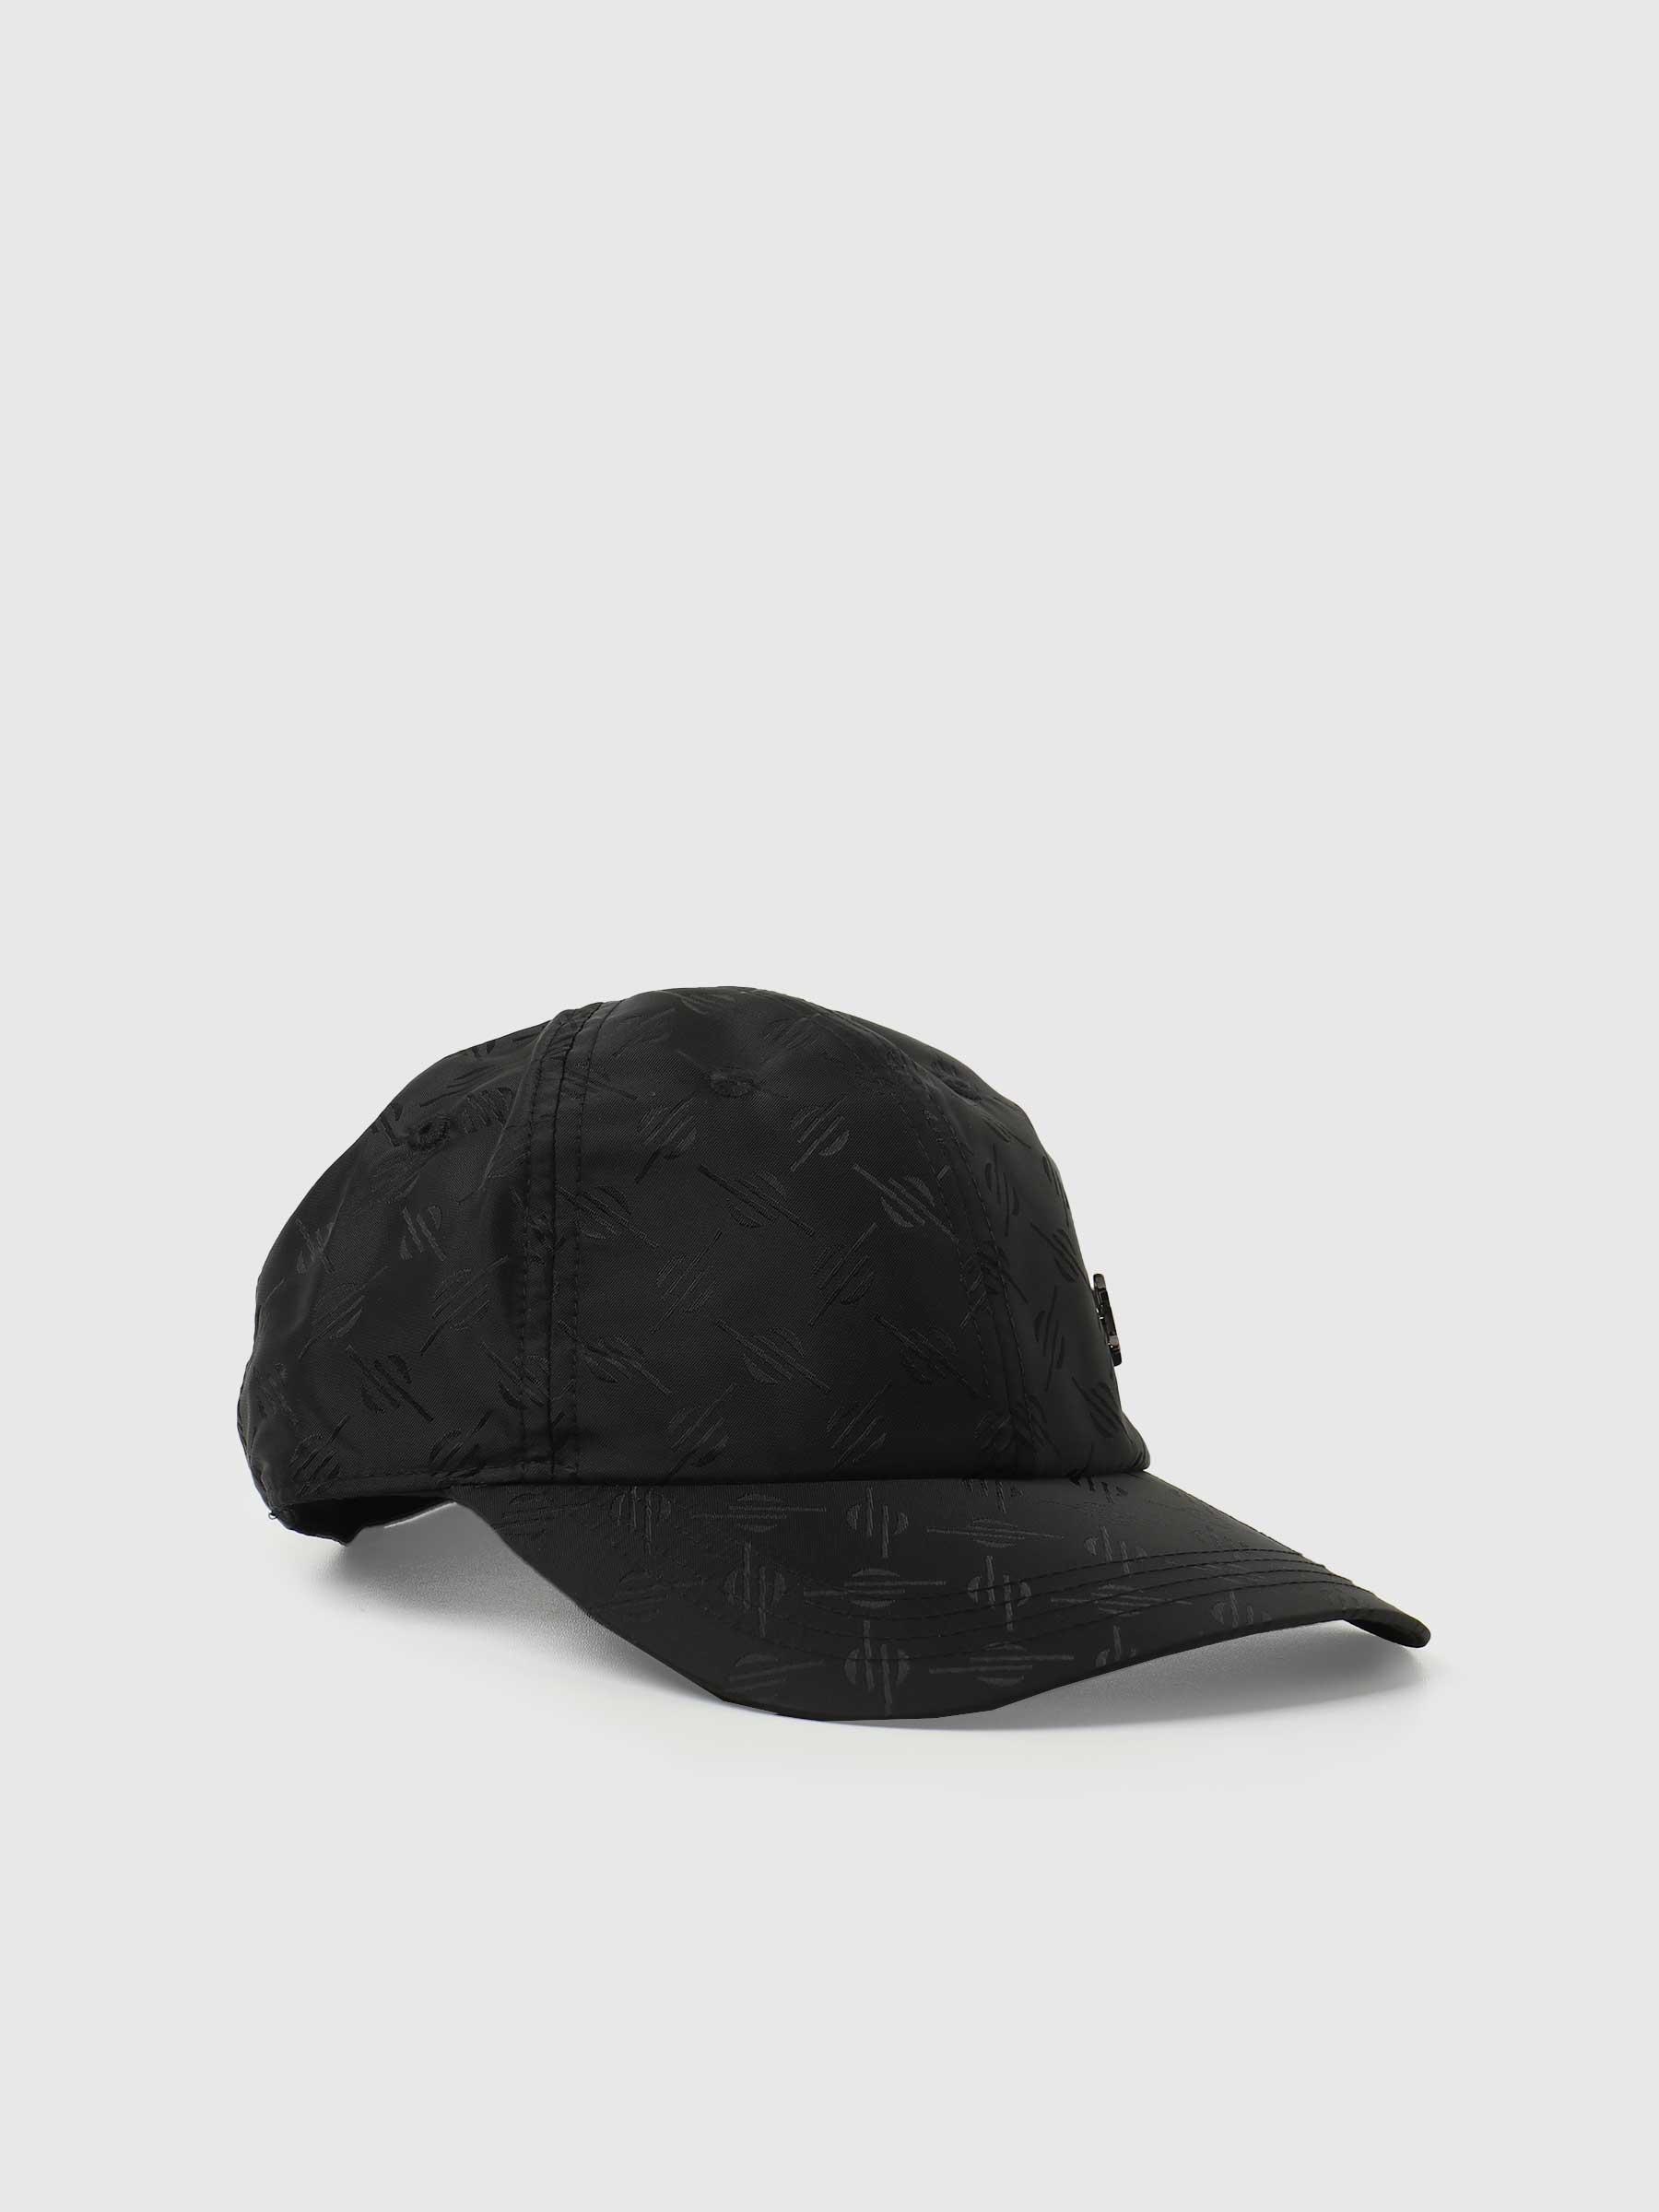 Lono Cap Black 2121122